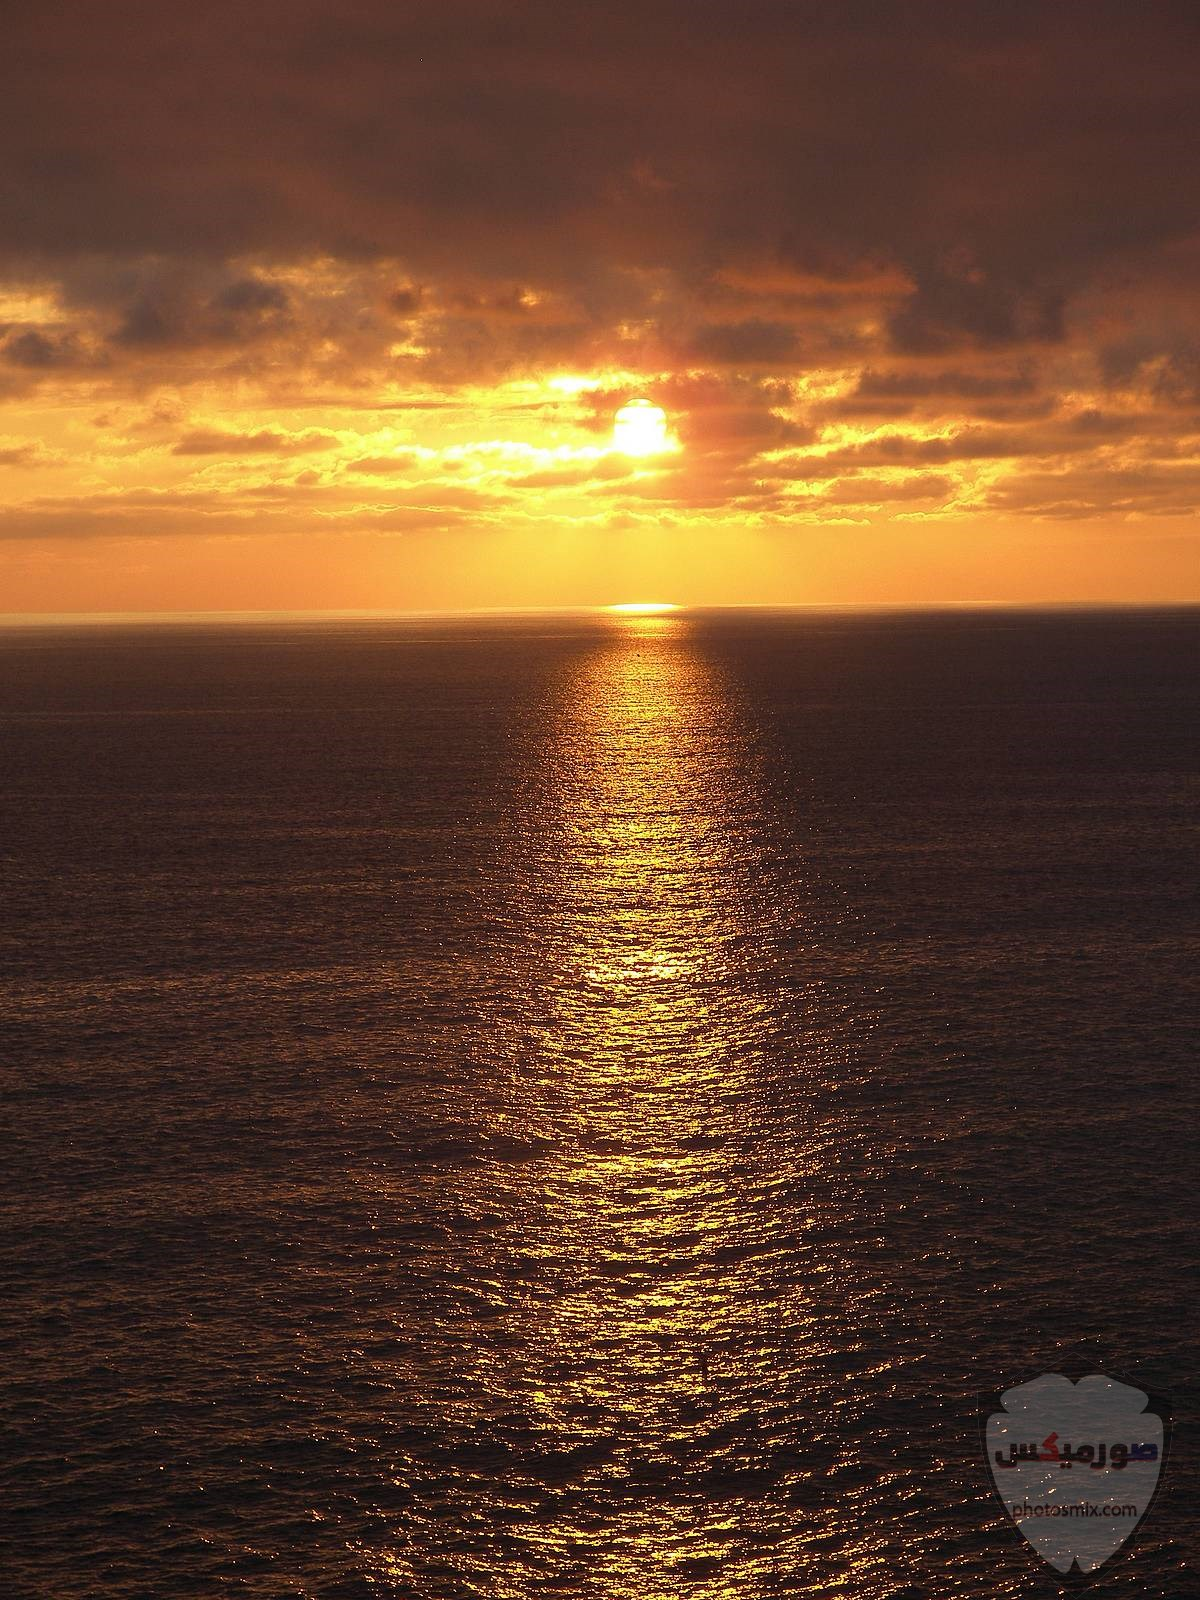 صور البحر 2020 خلفيات بحر وسفن للفوتوشوب 2